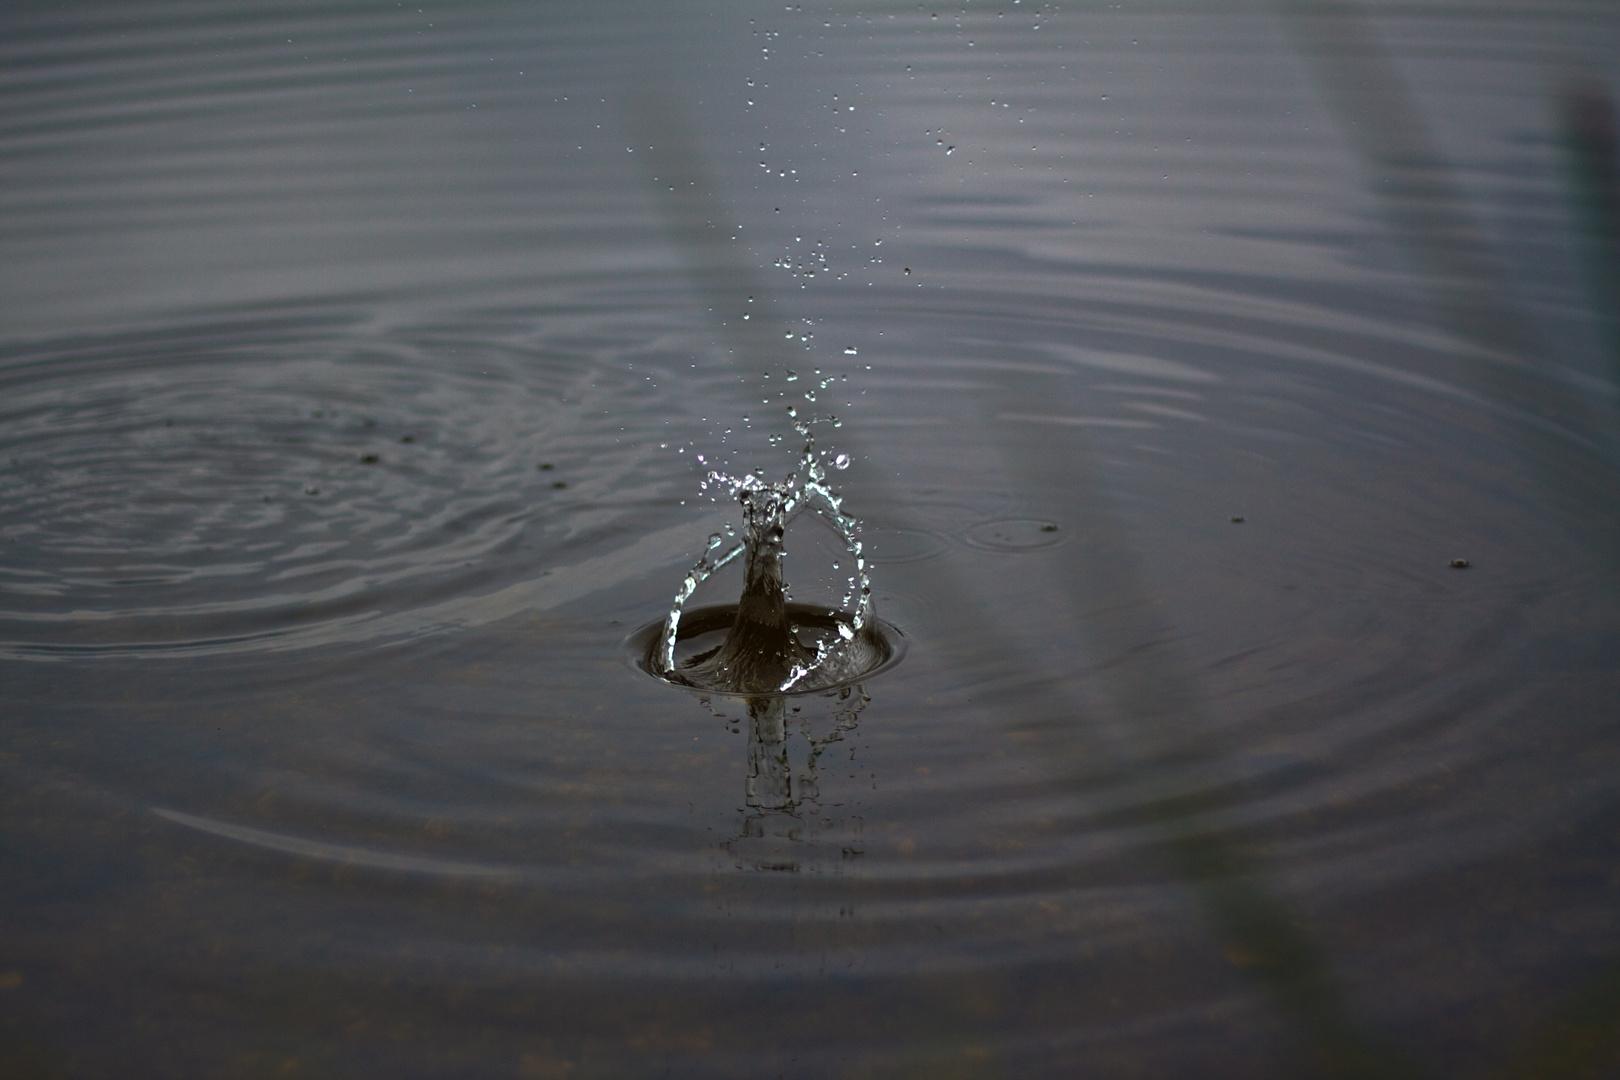 Ins Wasser fällt ein Stein...